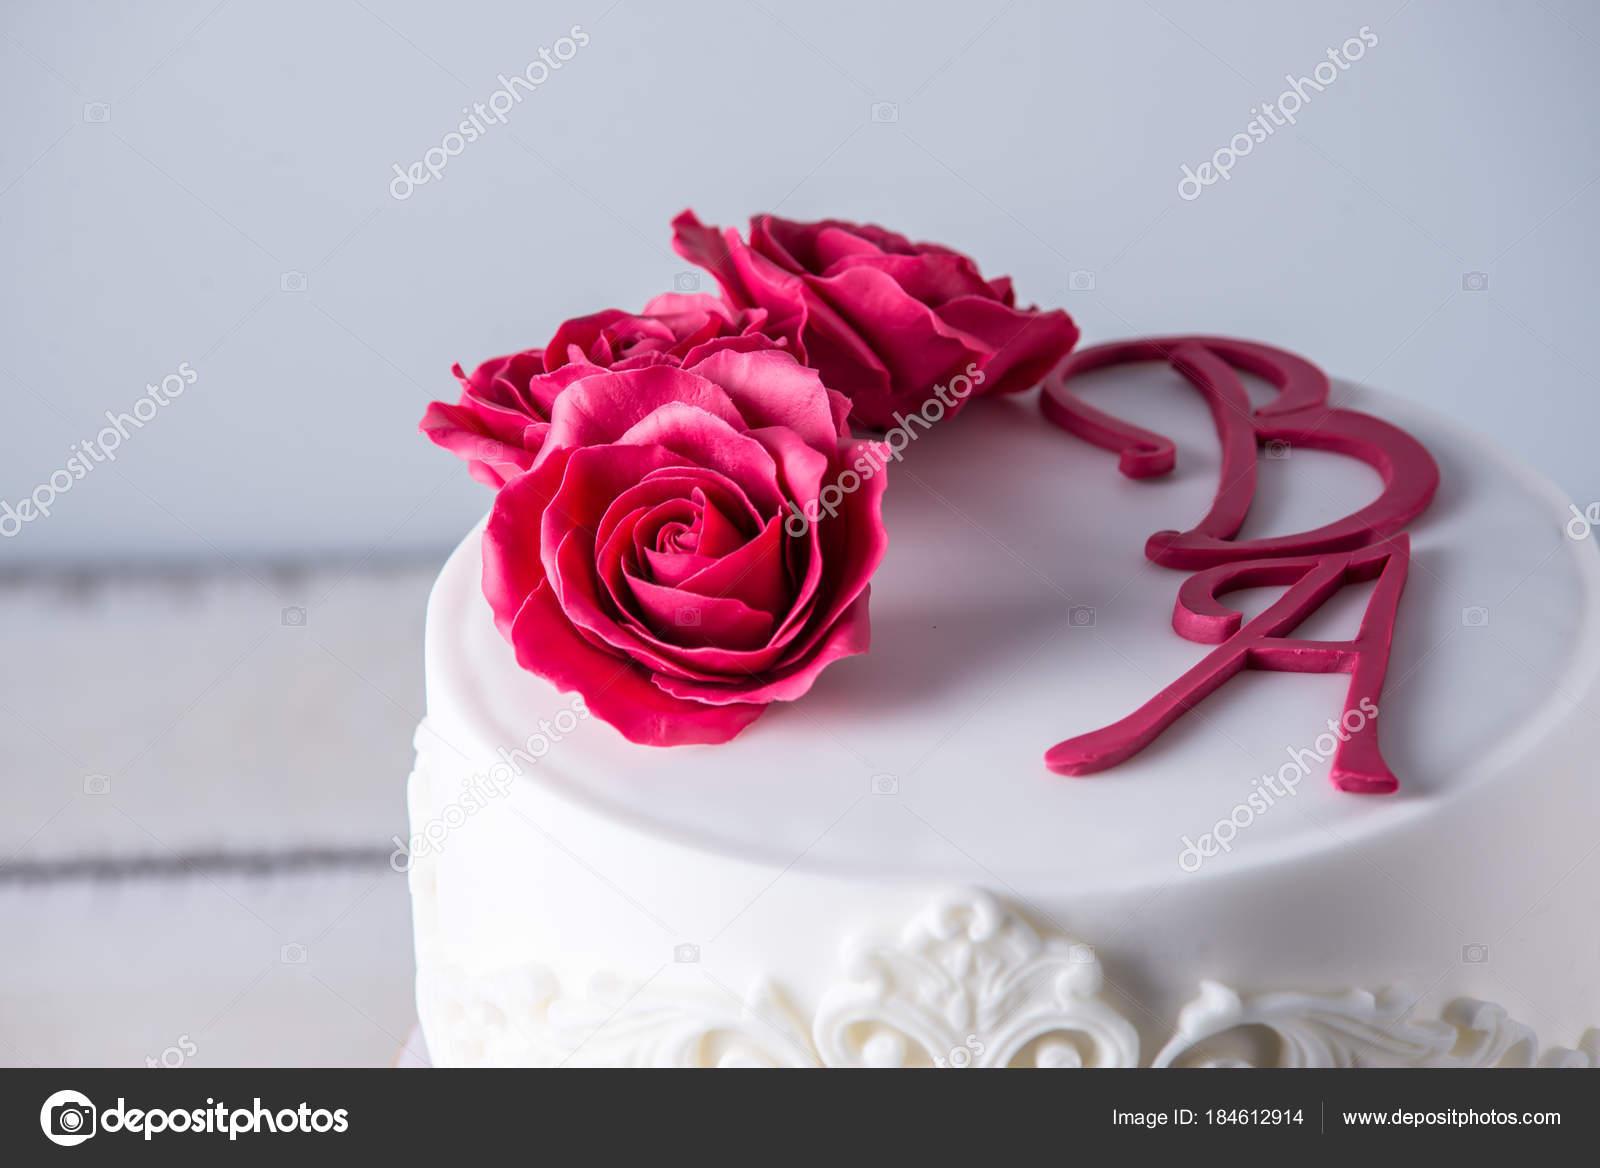 Beautiful white wedding cake decorated with flowers red roses and beautiful white wedding cake decorated with flowers red roses and ribbon concept of elegant holiday izmirmasajfo